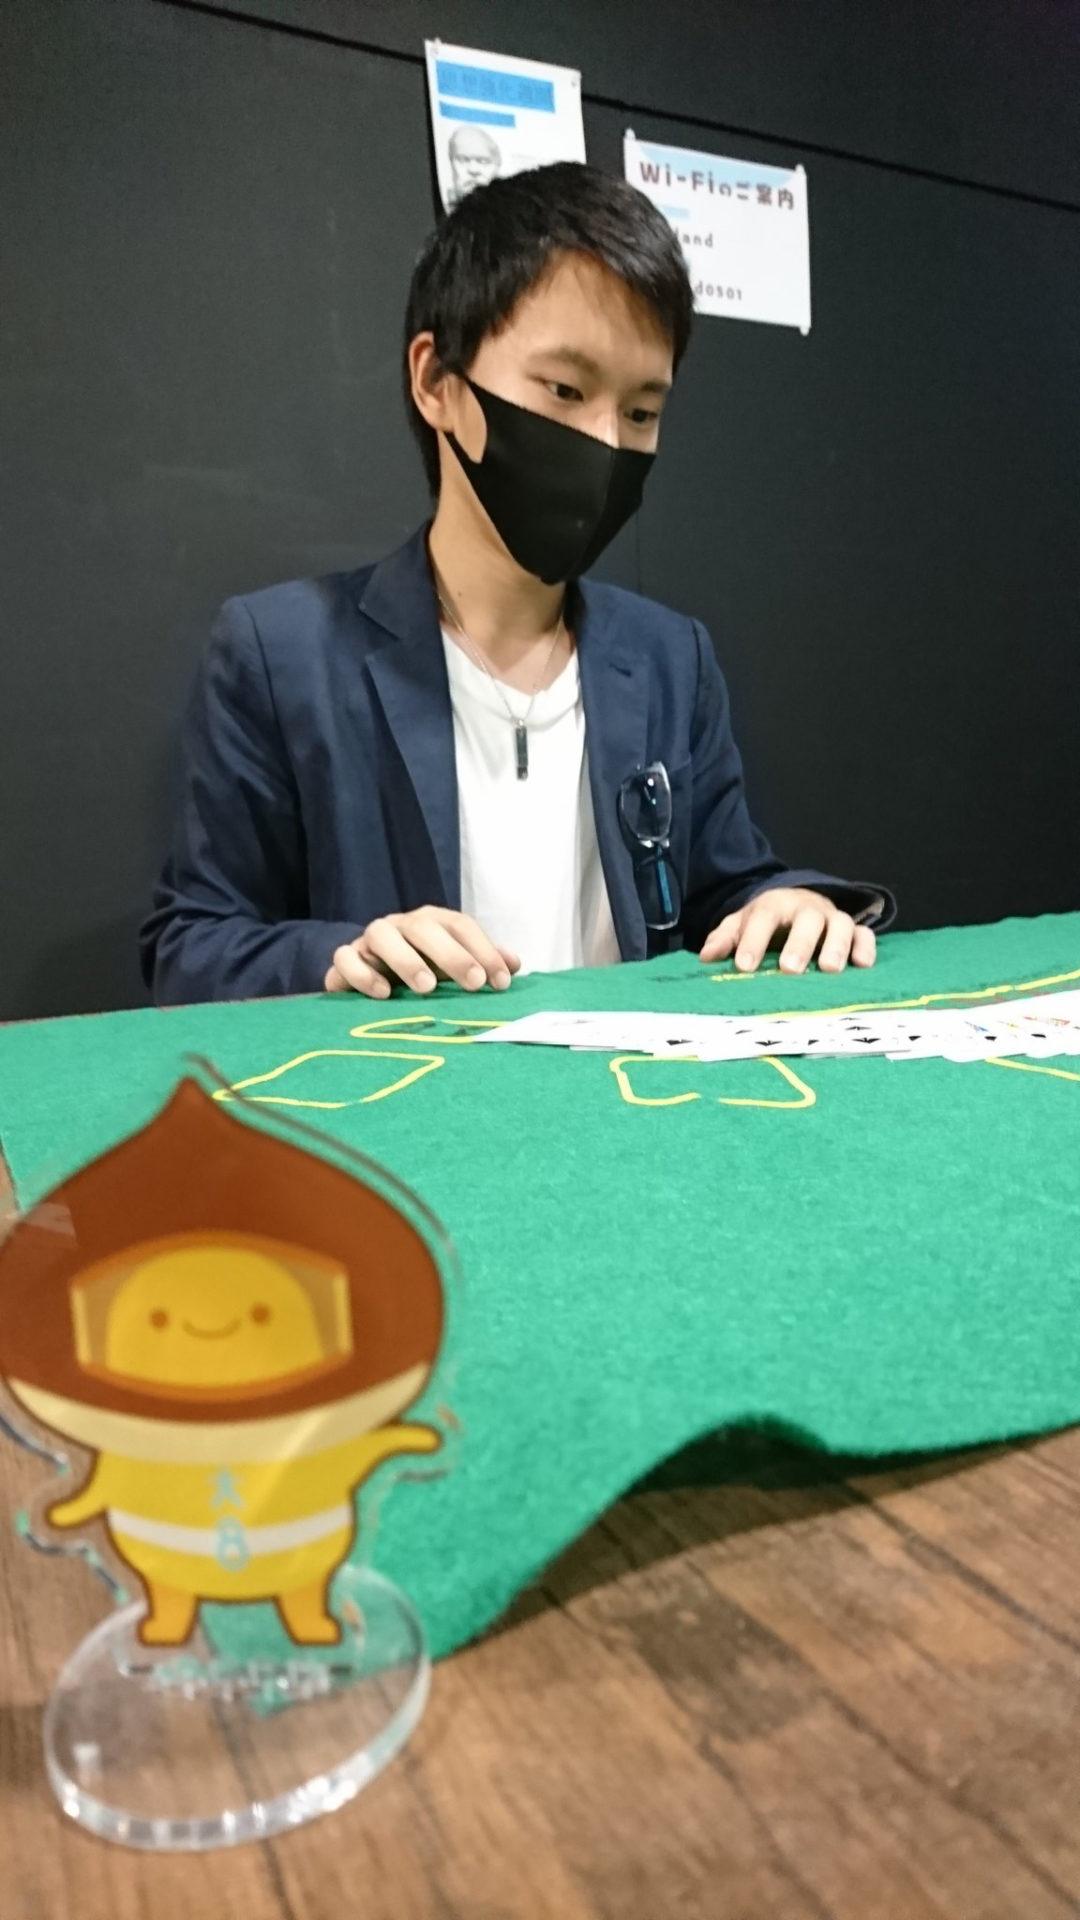 カジノゲームをする人